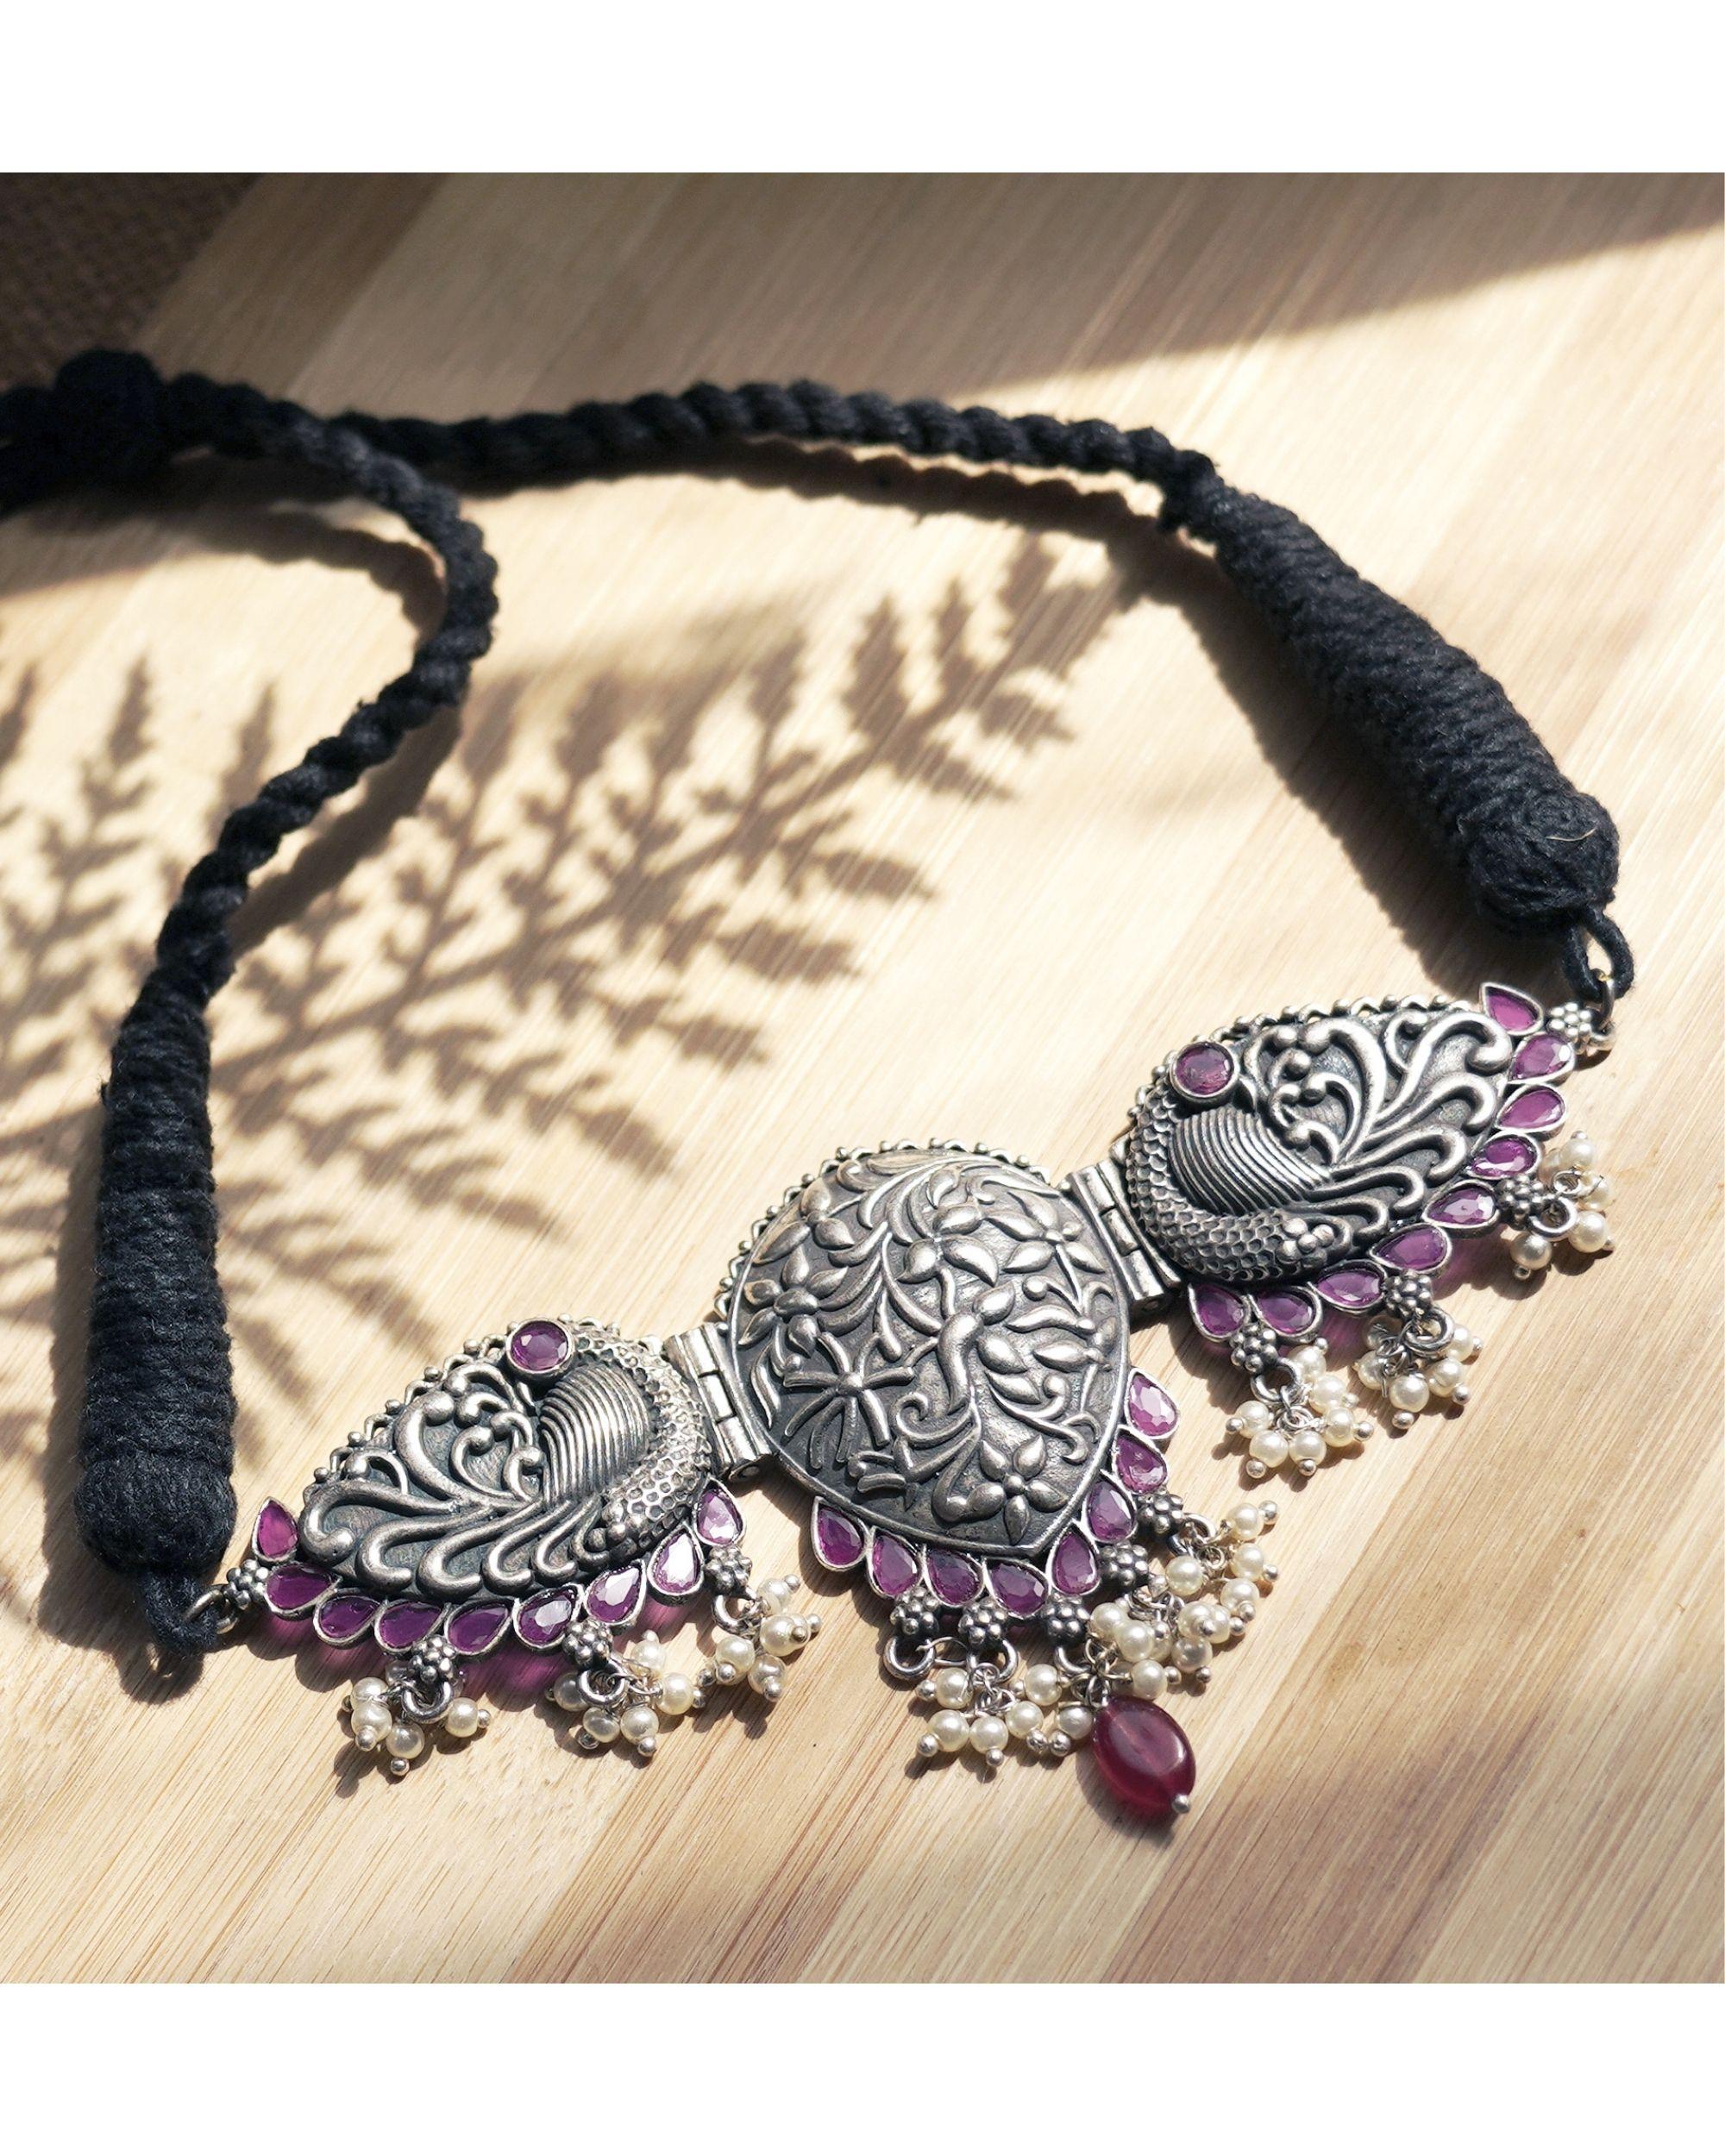 Handcrafted leaf engraved neckpiece